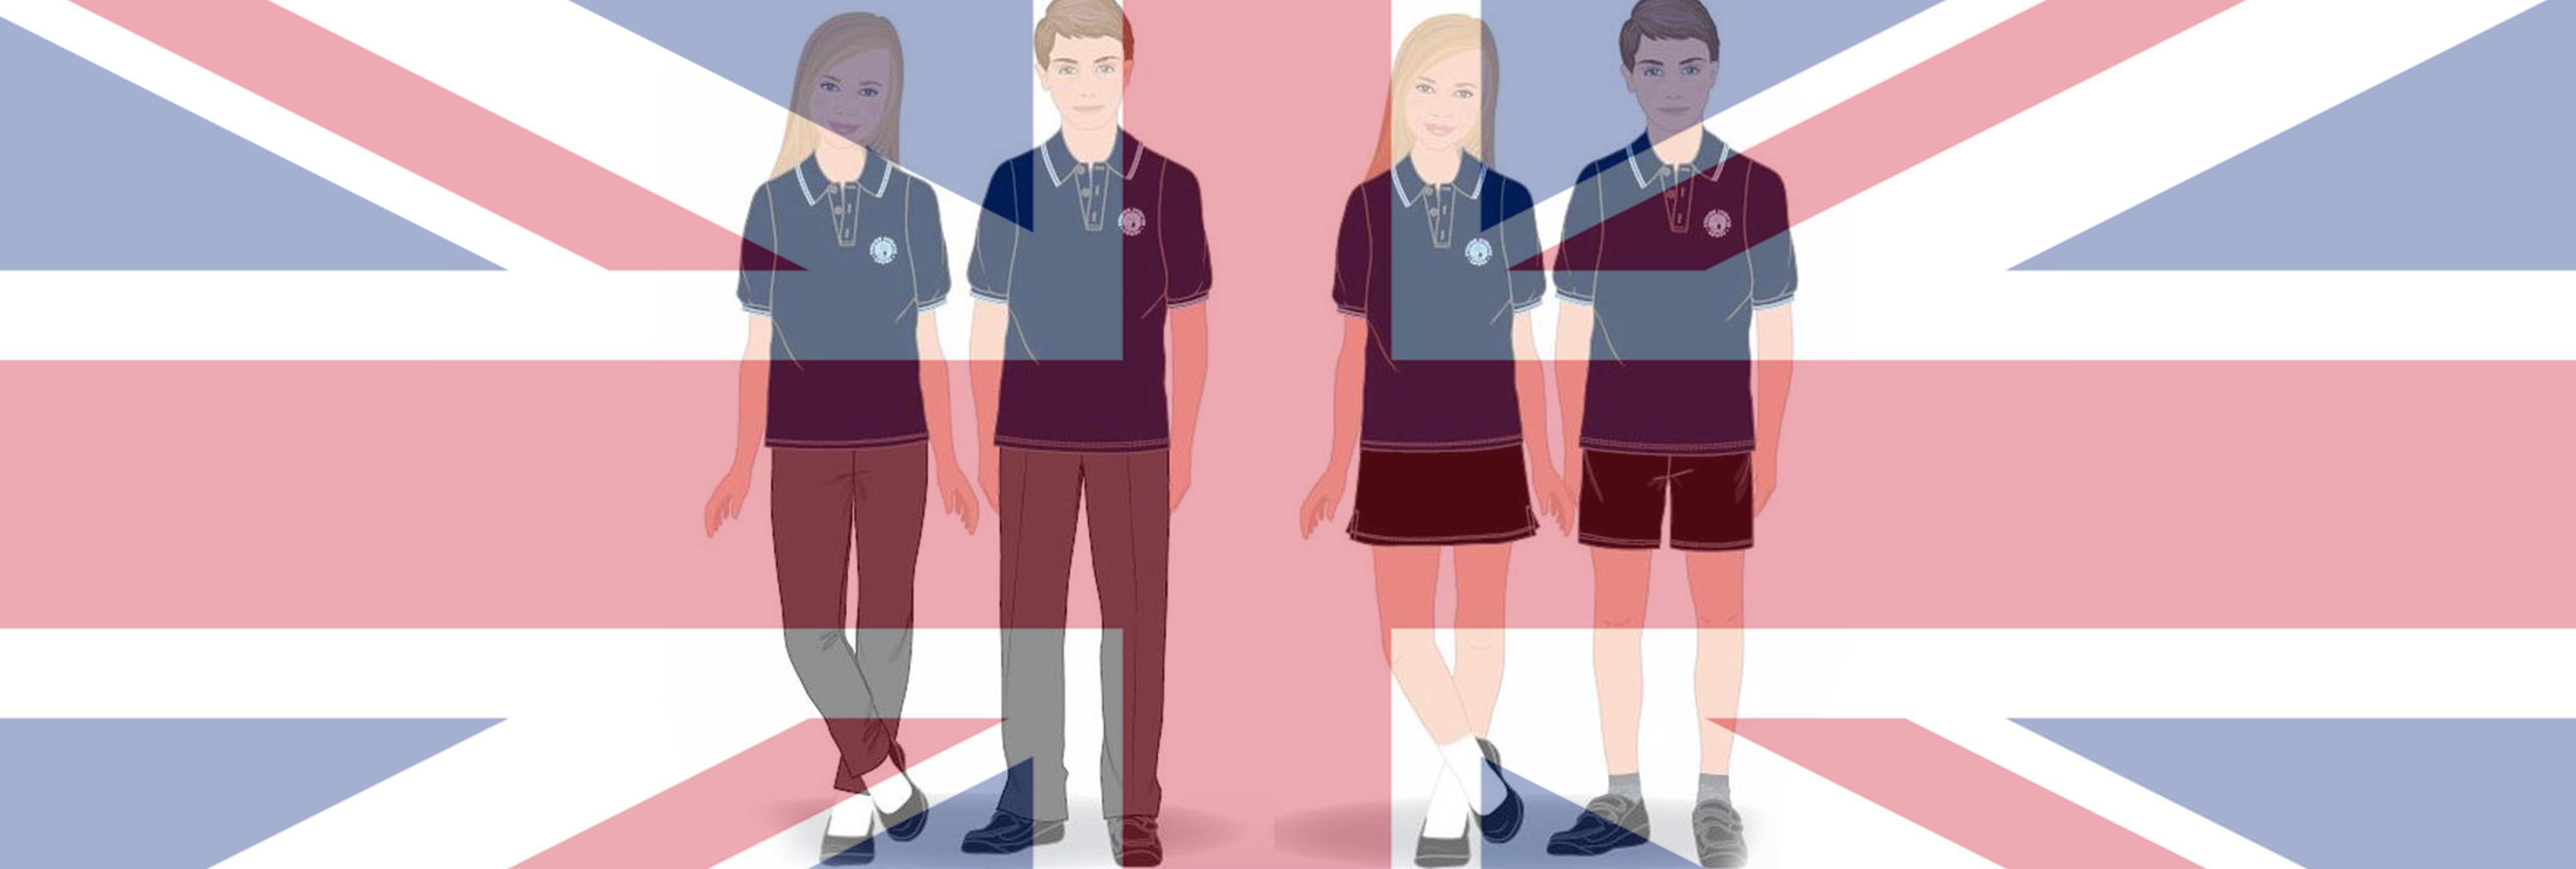 Un colegio británico impone por primera vez un uniforme de género neutro e inclusivo